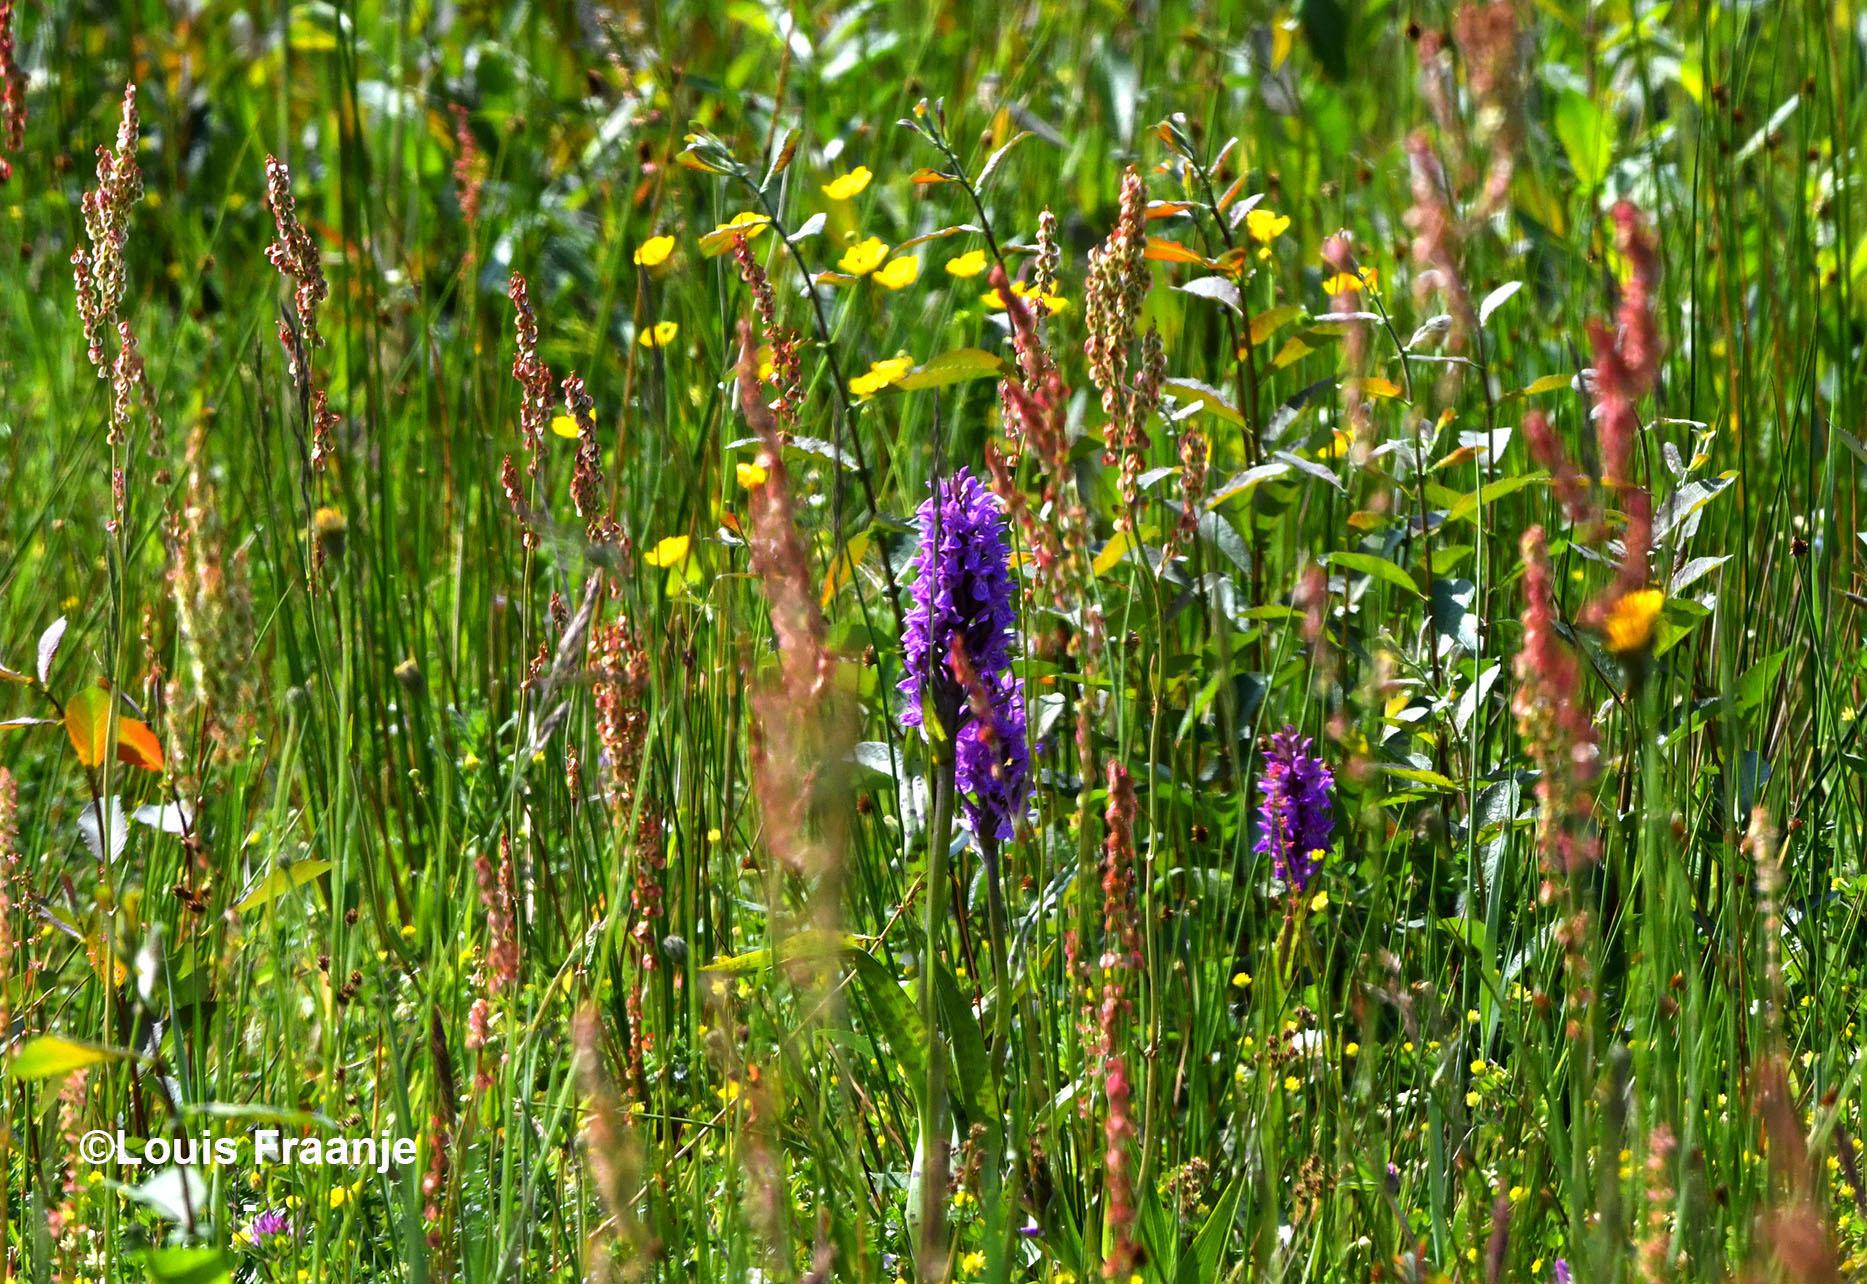 Maar ook ergens zomaar in het BInnenveld, een prachtige orchidee ontdekken, is een feest op zich! - Foto: ©Louis Fraanje